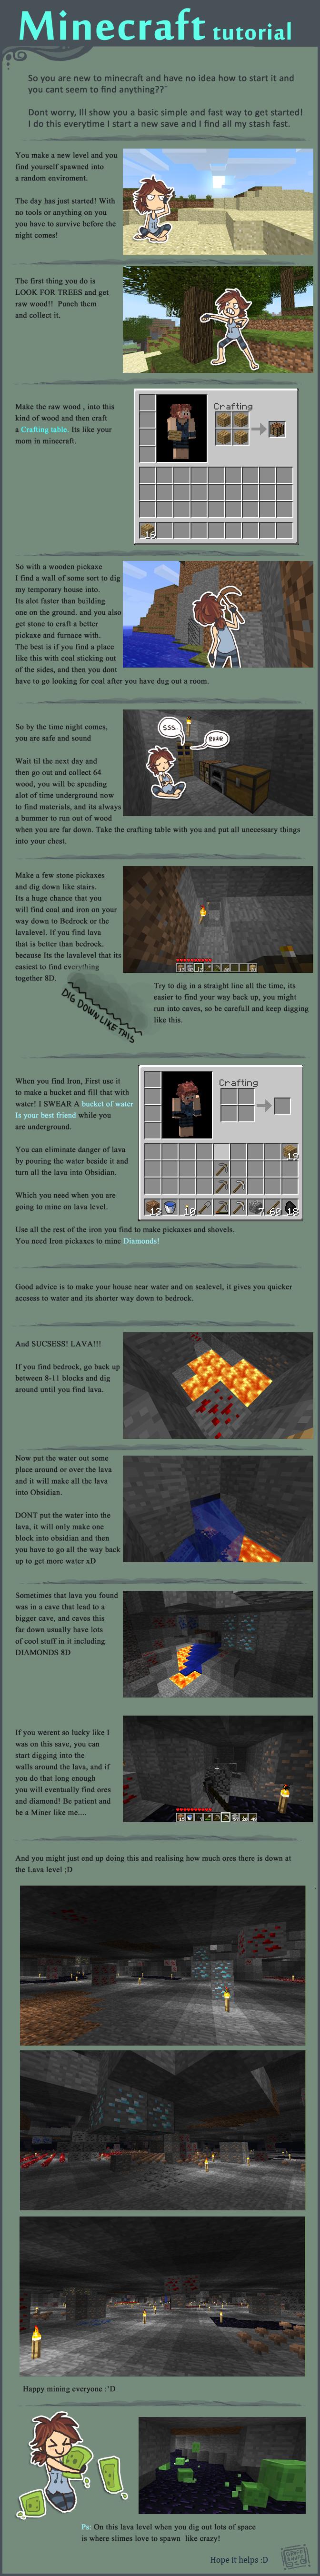 A Minecraft Tutorial by griffsnuff